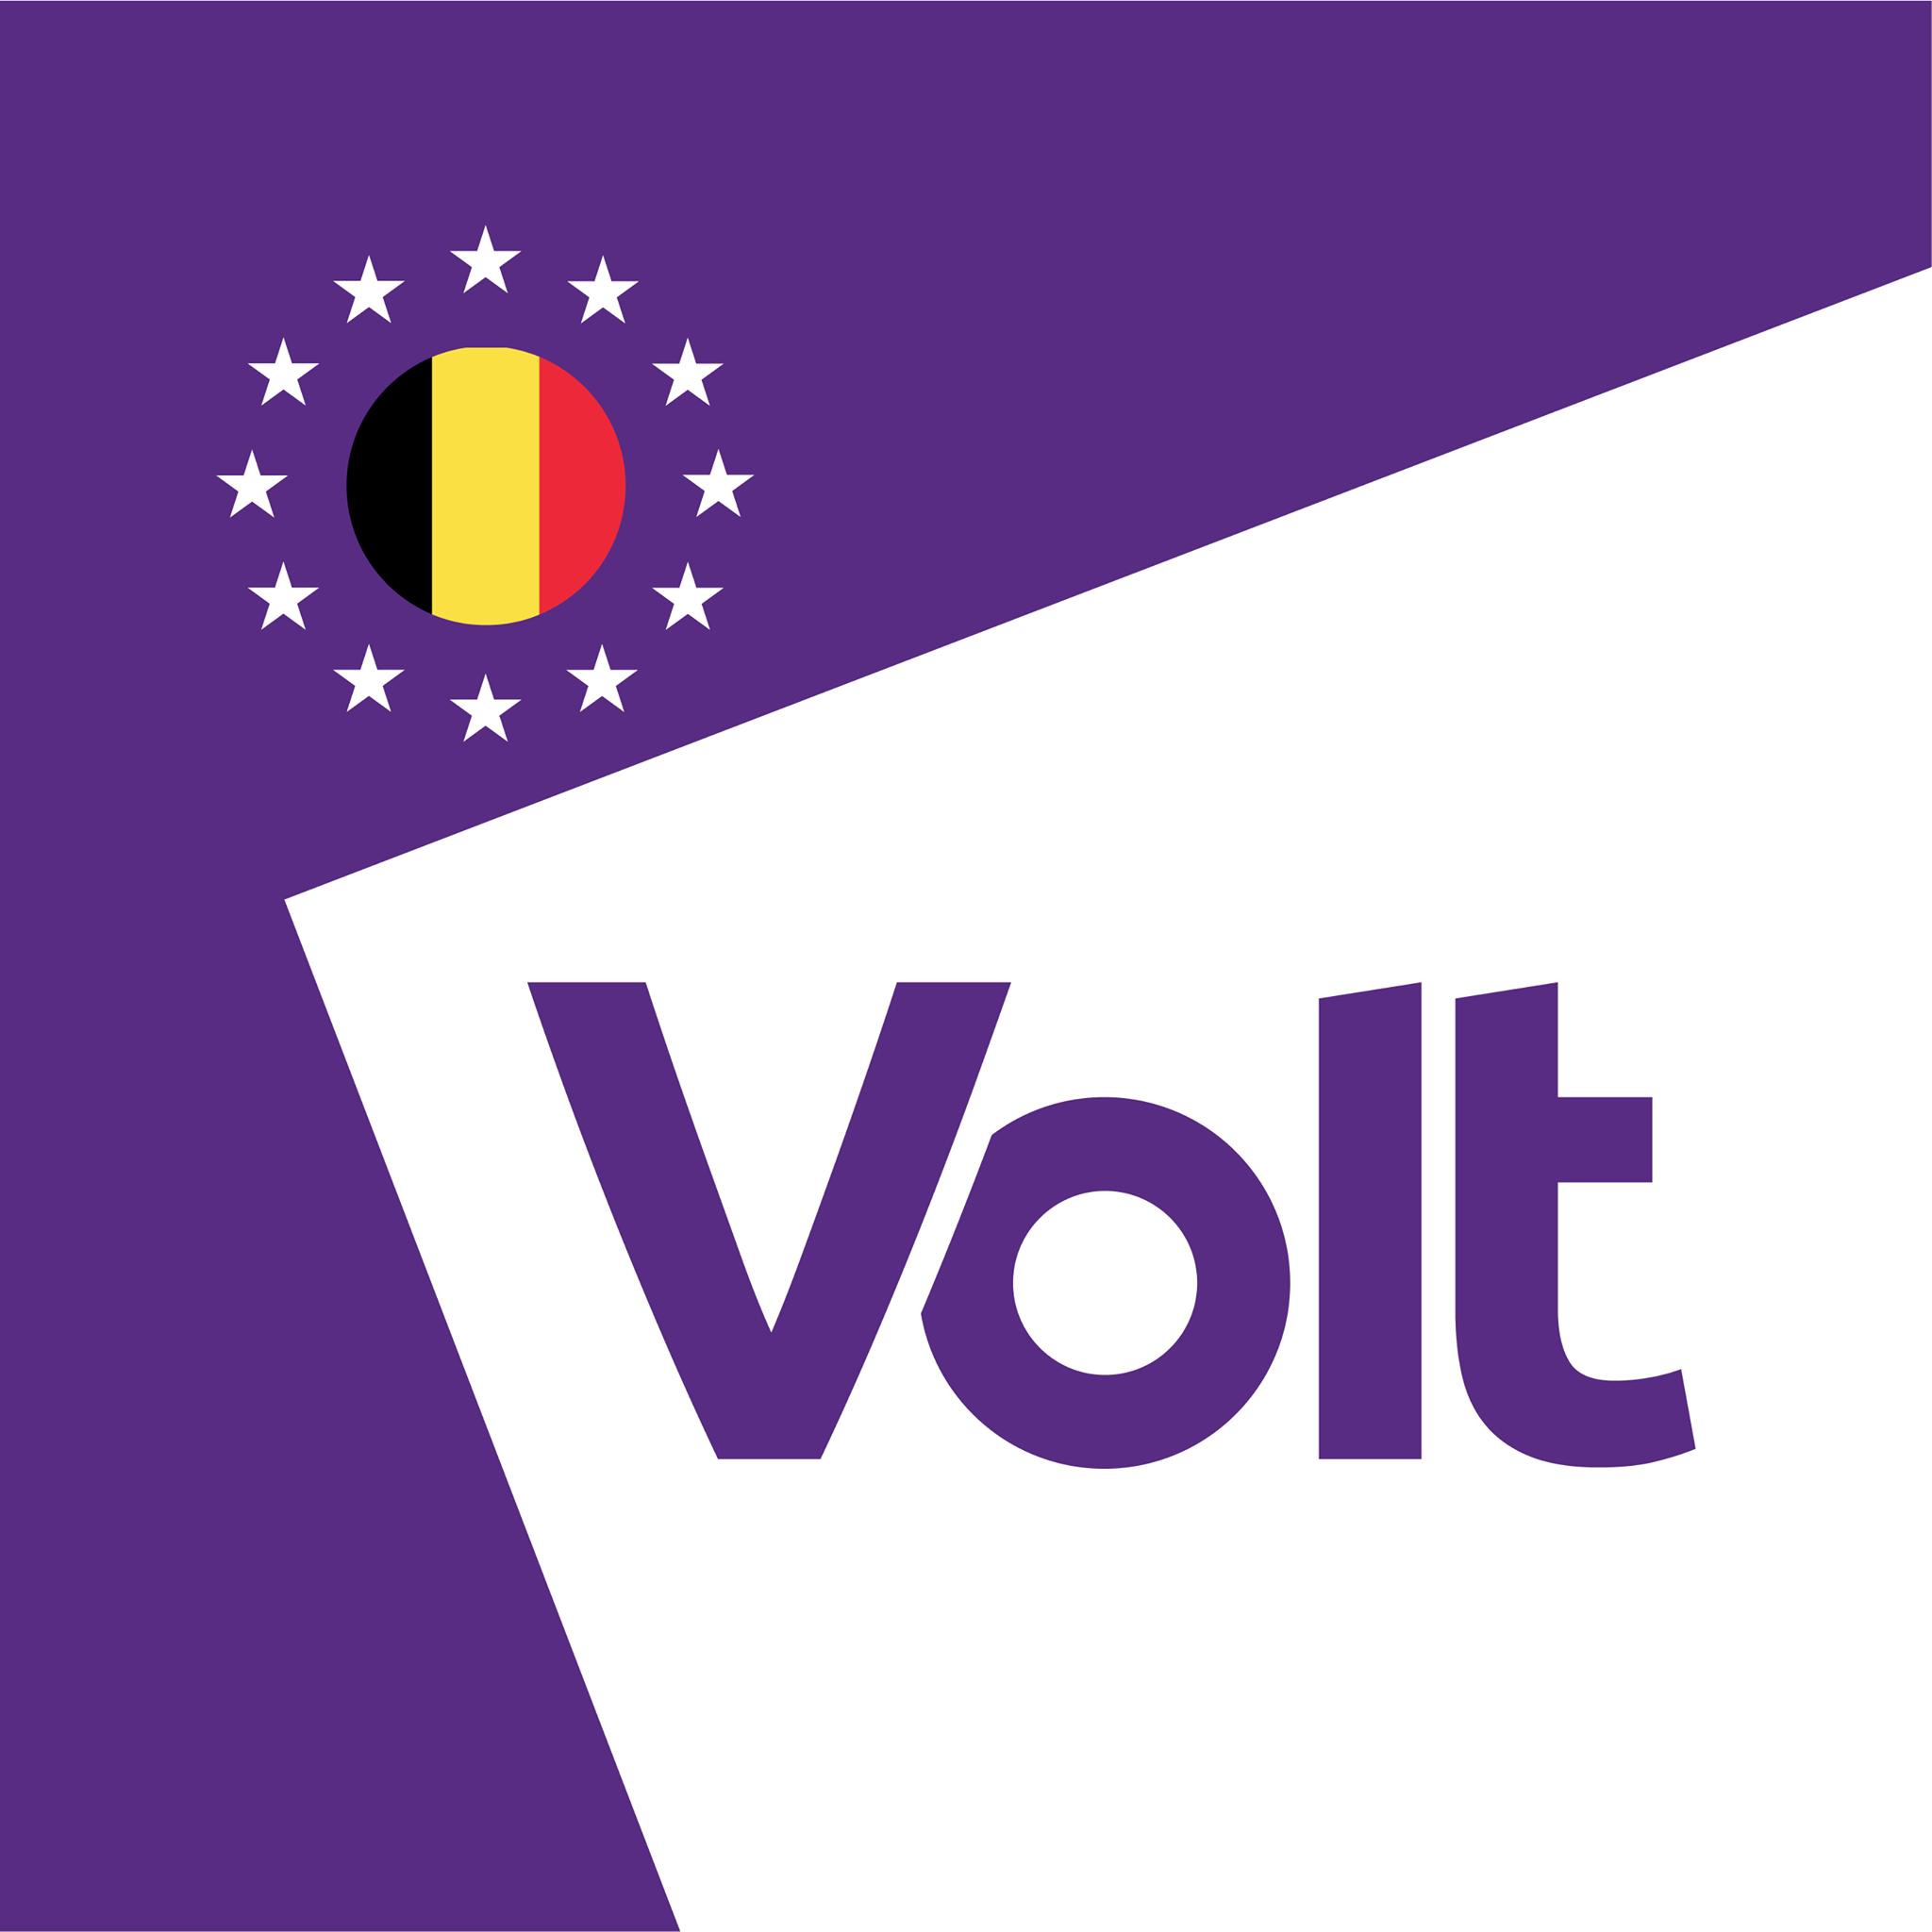 Volt BE logo